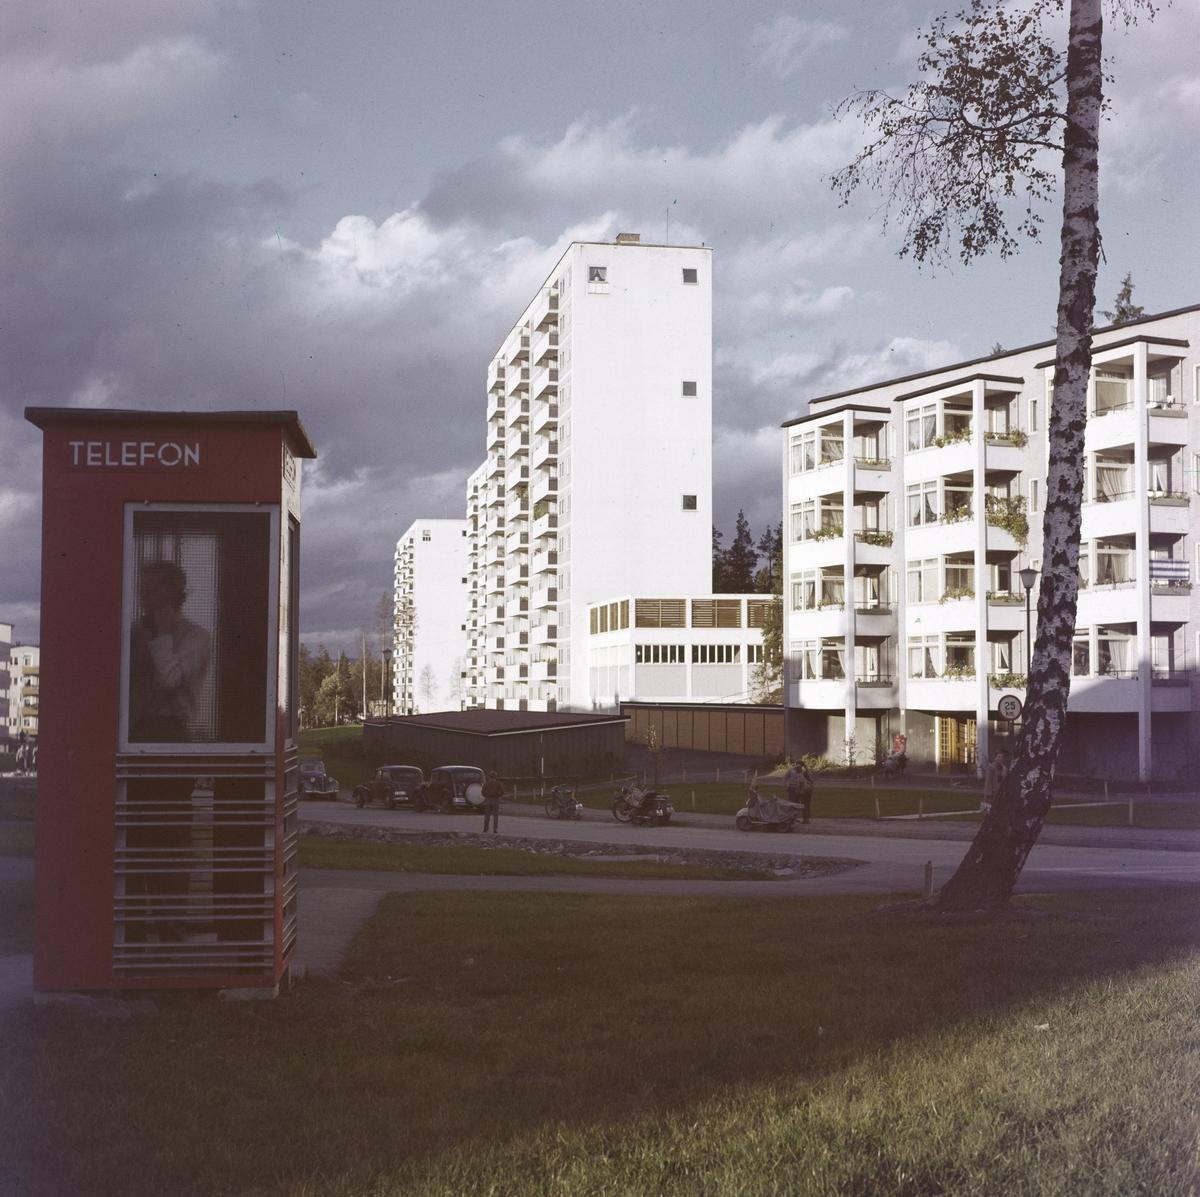 Drabantbyen Bøler med blokkbebyggelse fotografert i oktober 1958. En person snakker i telefonen i en rød telefonkiosk.